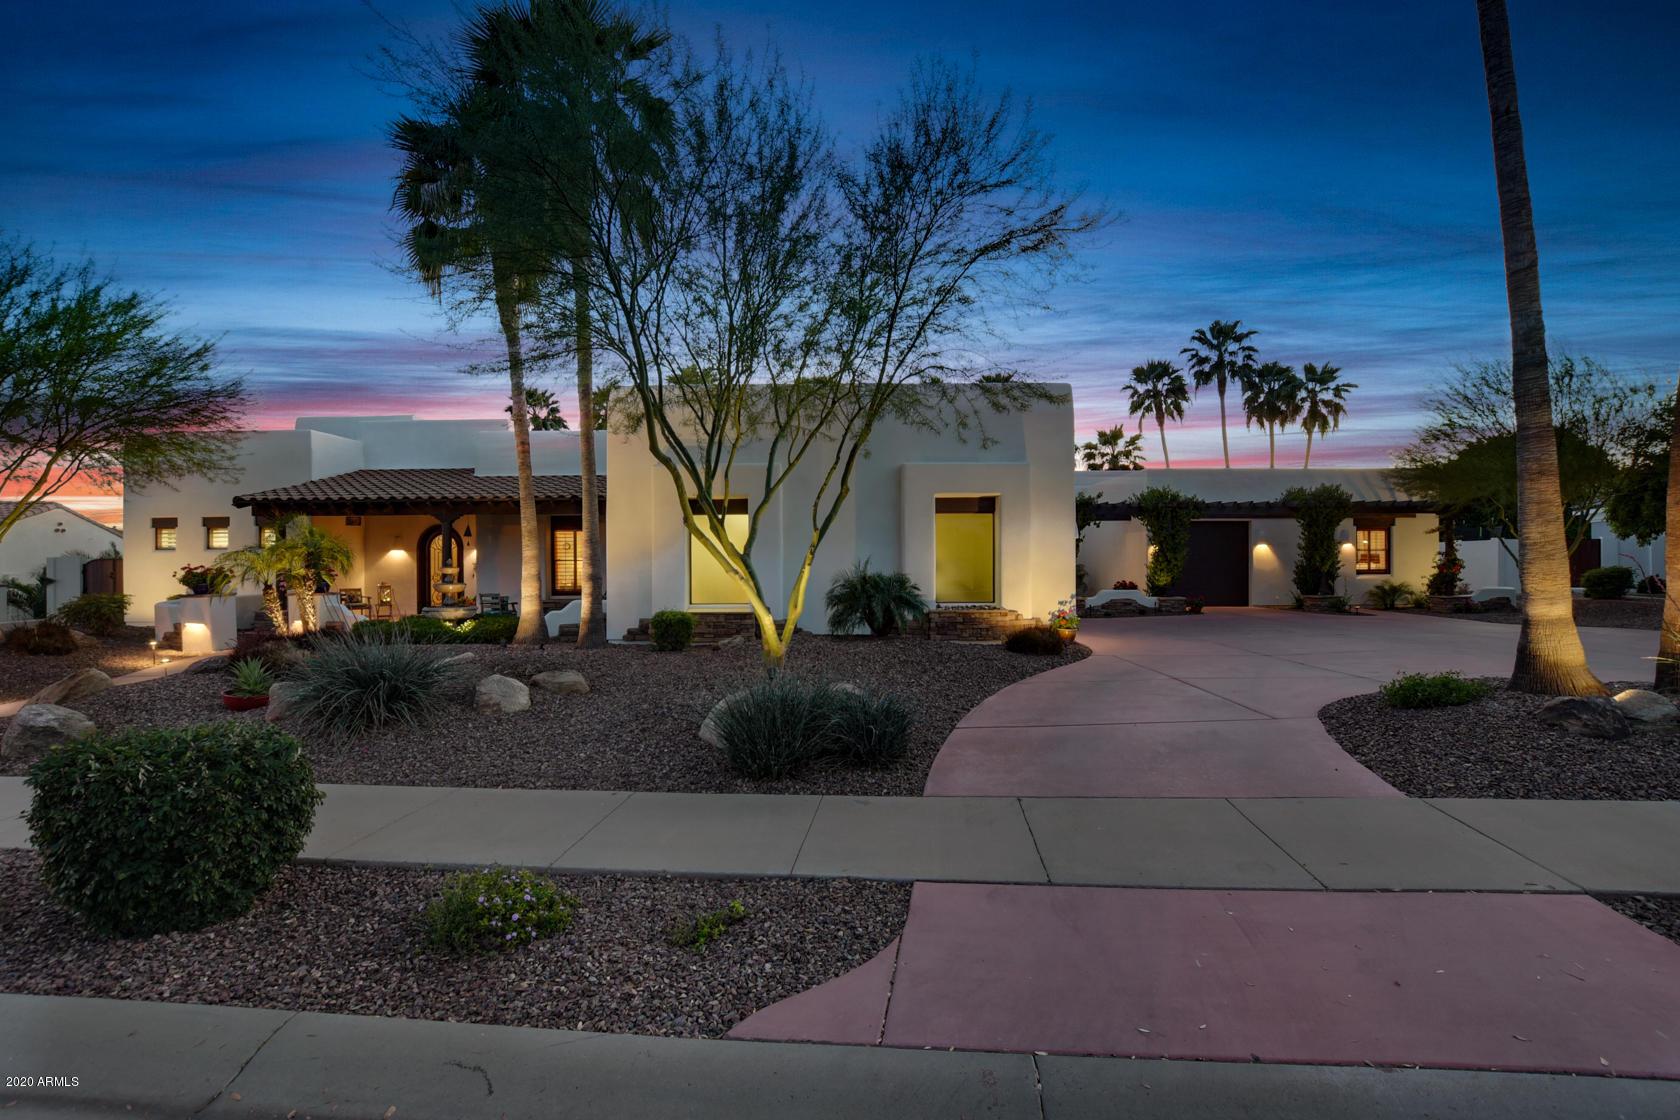 Photo of 310 N CLOVERFIELD Circle, Litchfield Park, AZ 85340